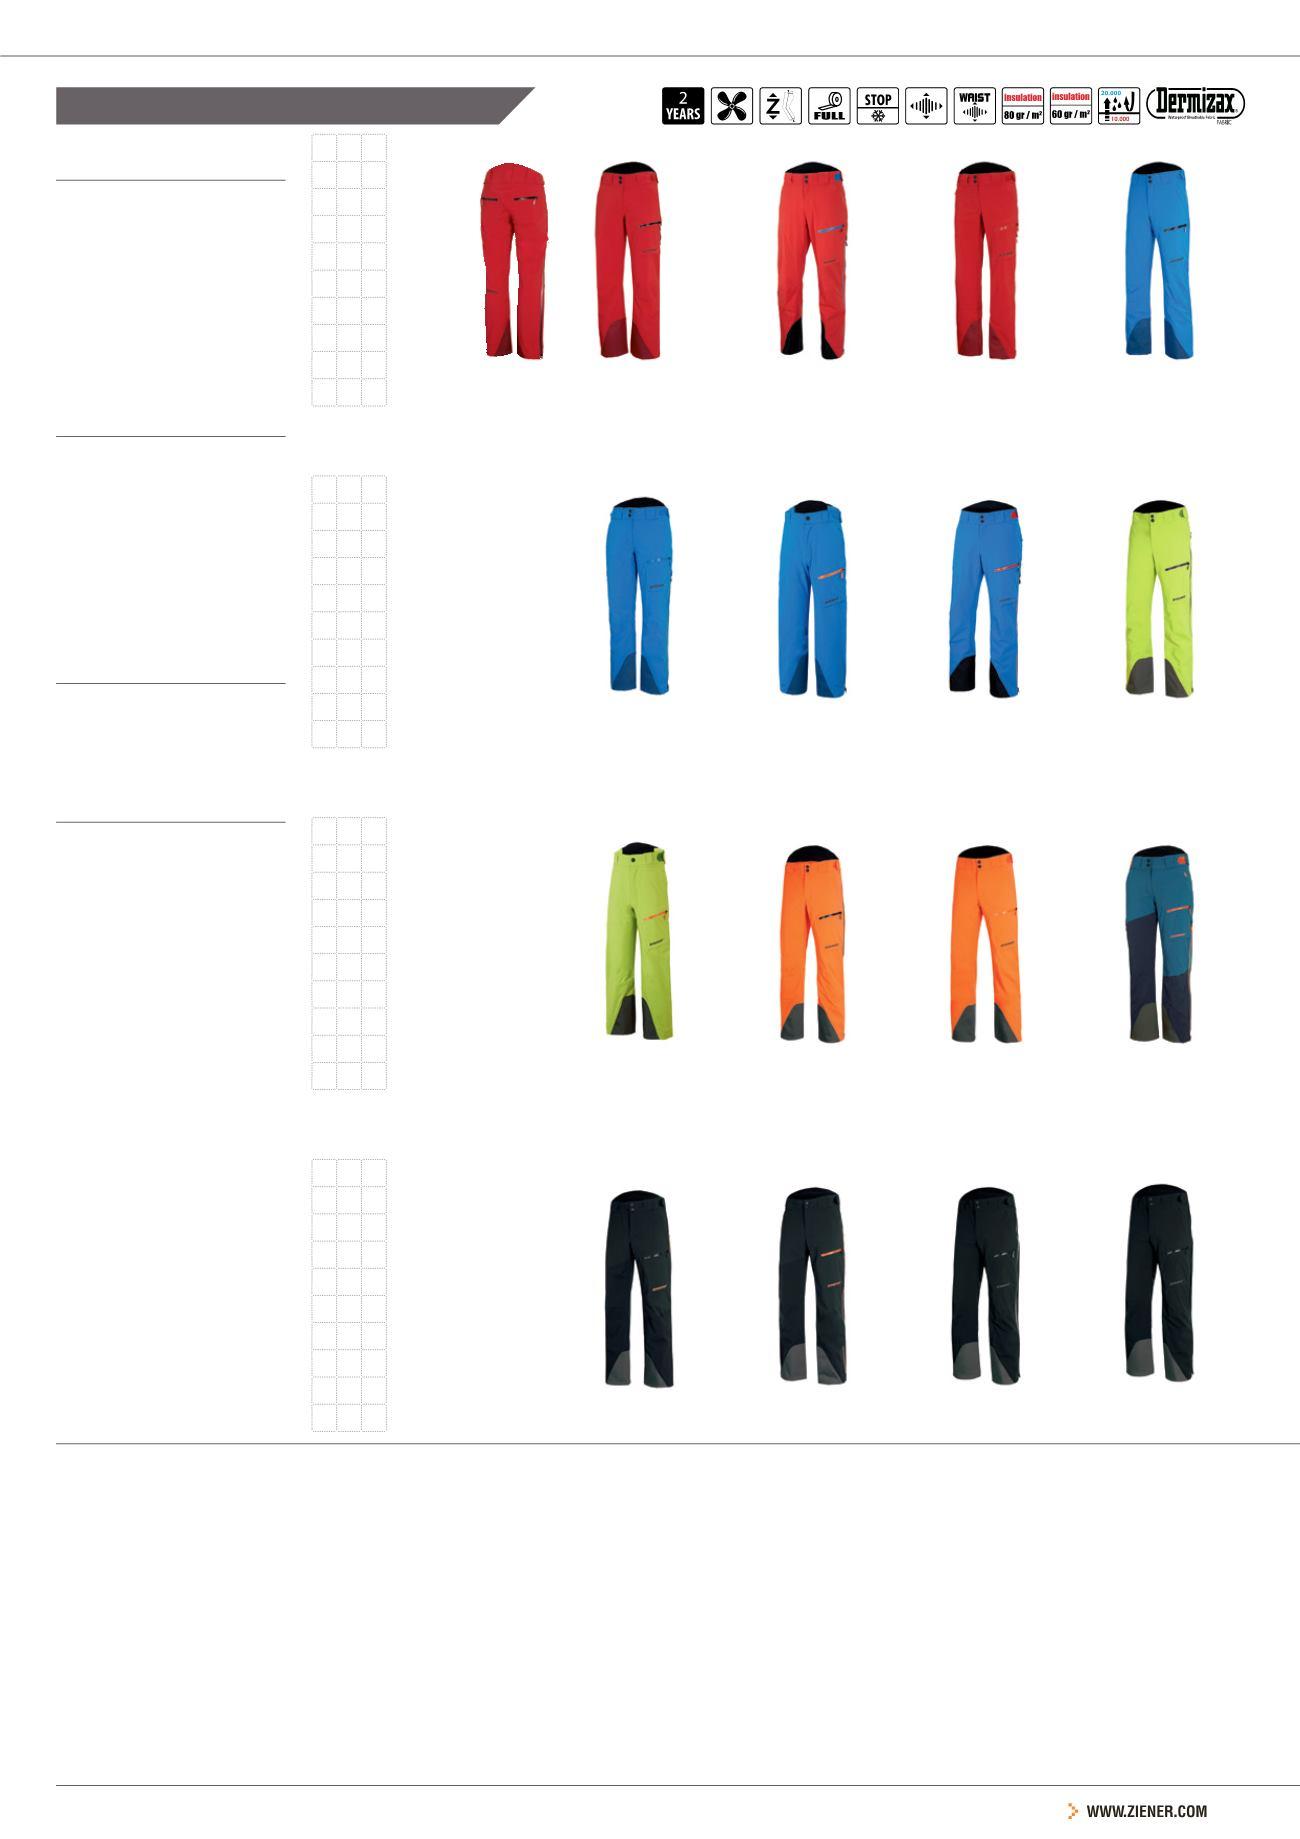 Cyleibe Stirnb/änder Winter Ohrensch/ützer, Adsshopp Warmer Sport Stirnband f/ür Outdoor-Sportlauf Gym Ski(Grey,Black)